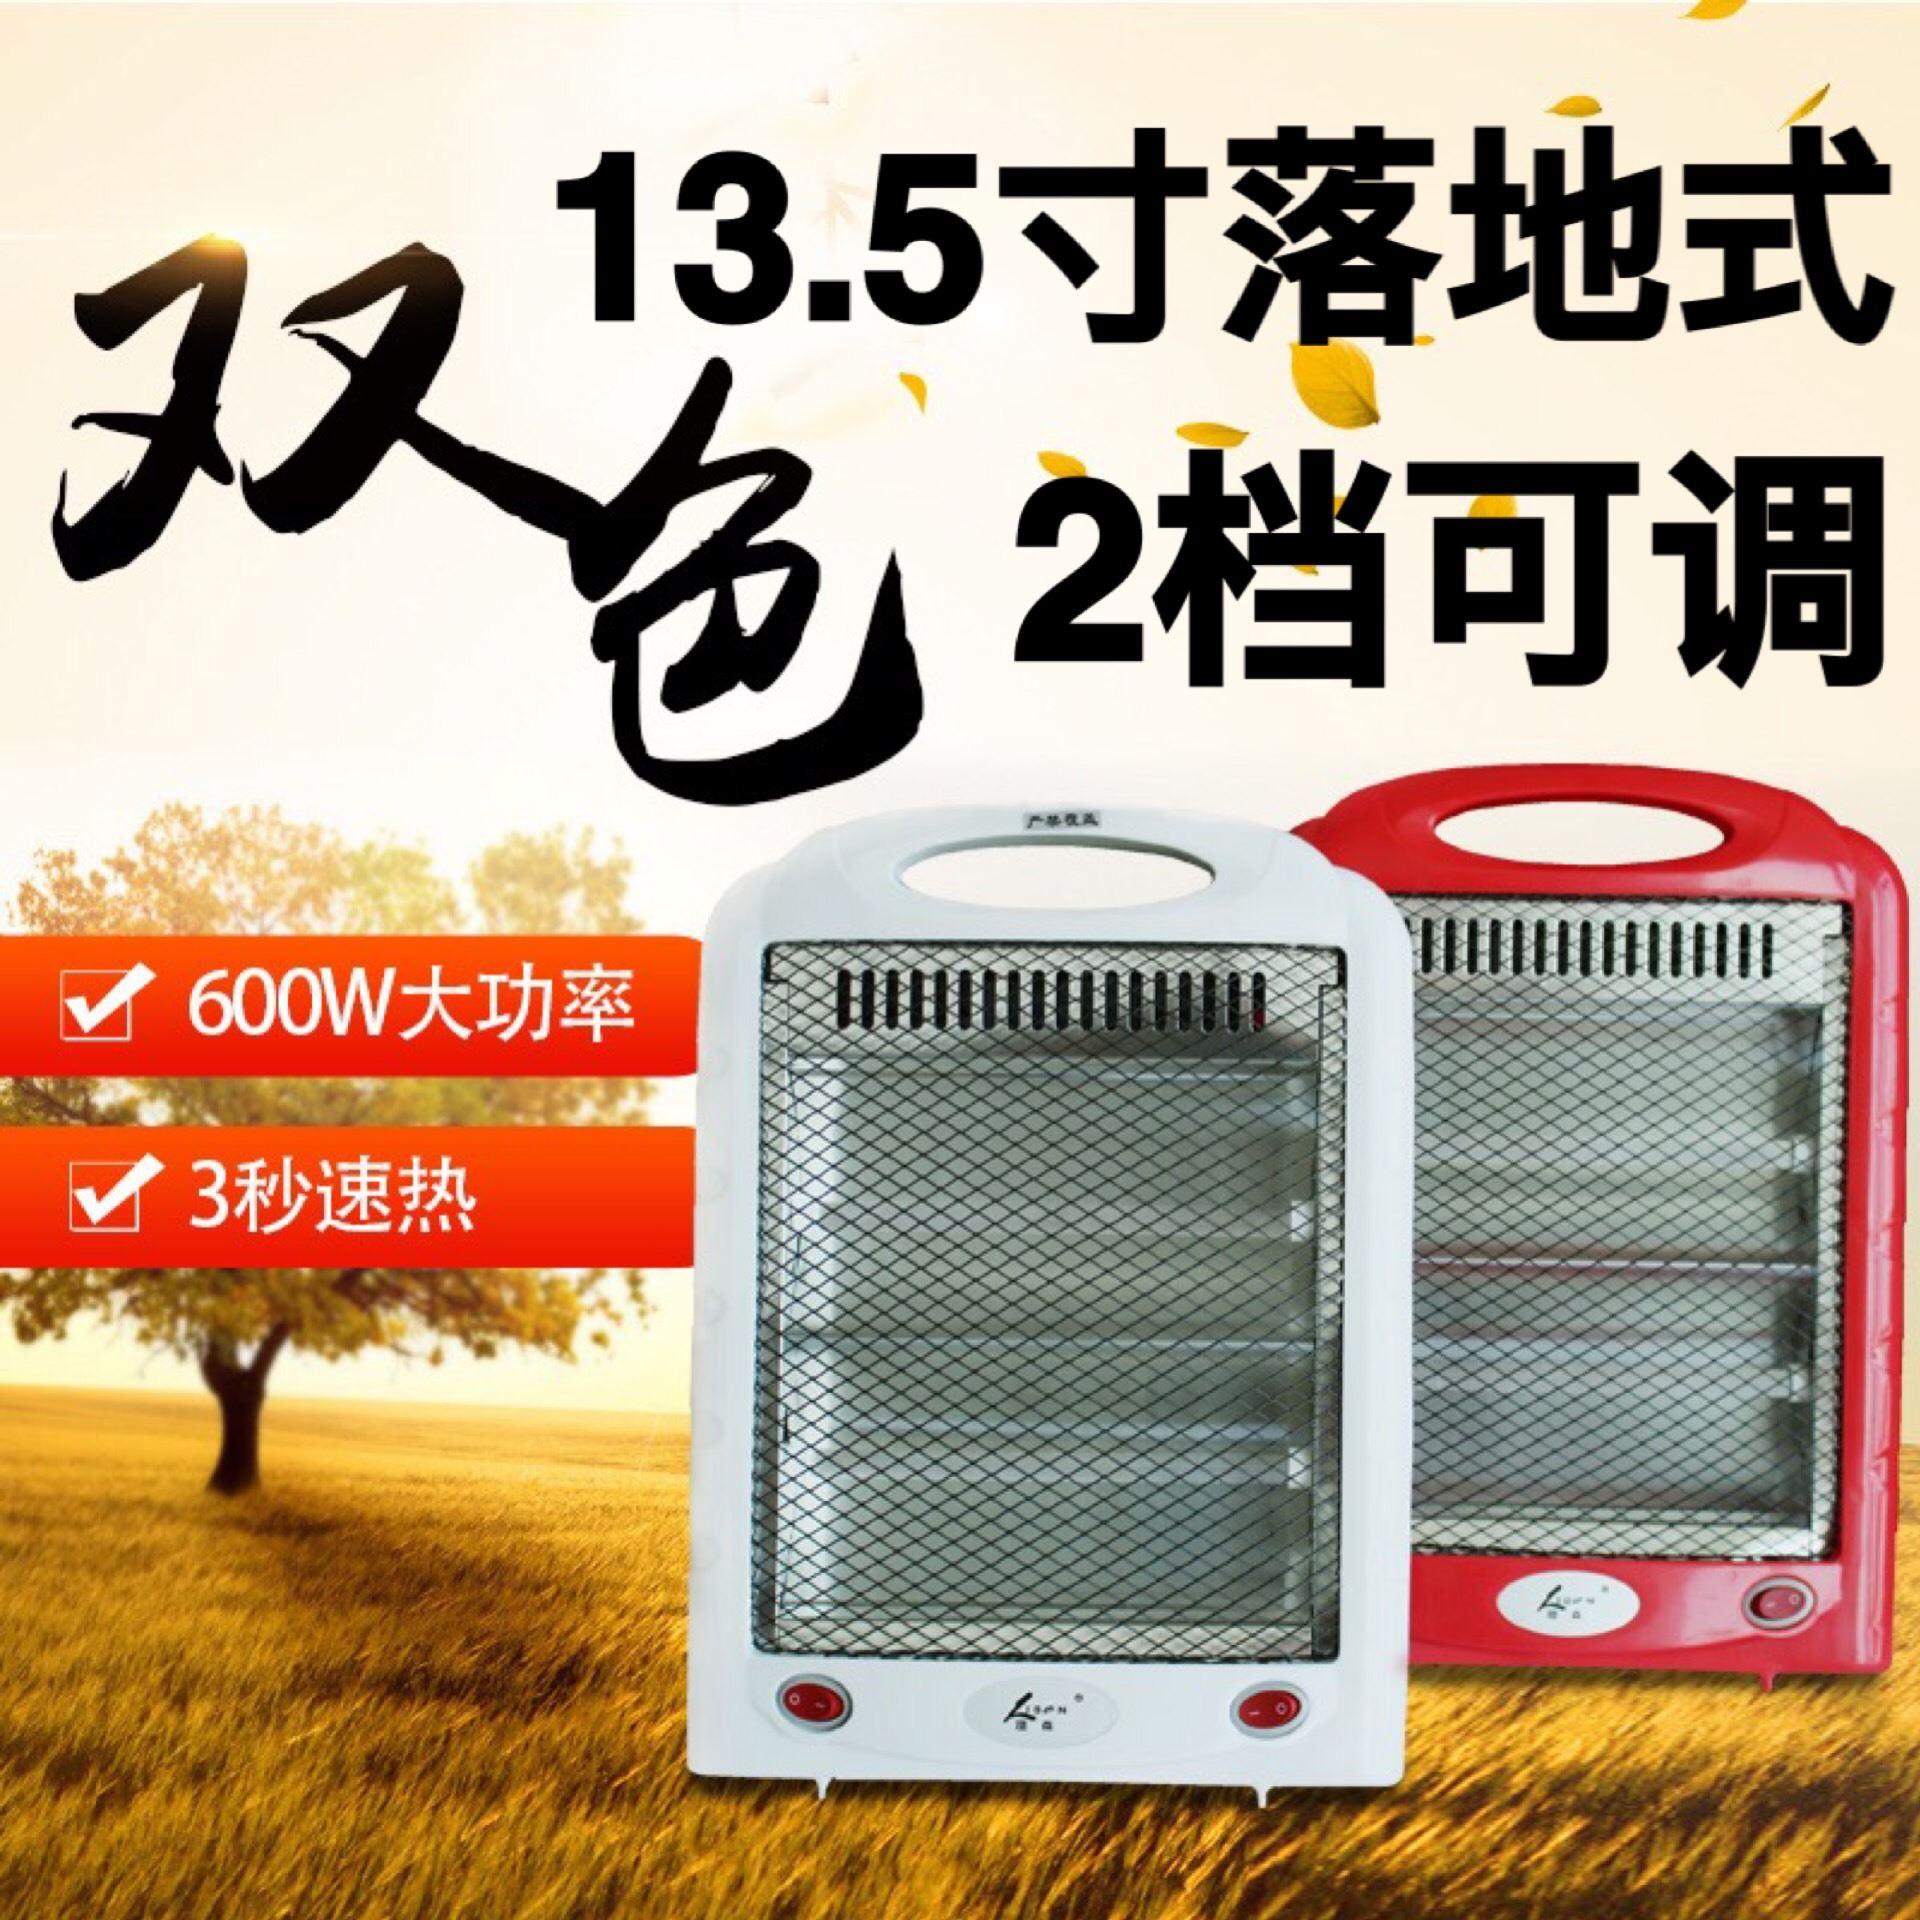 迷你取暖器速热暖风机家用小型办公室桌面节能省电学生浴室电暖气